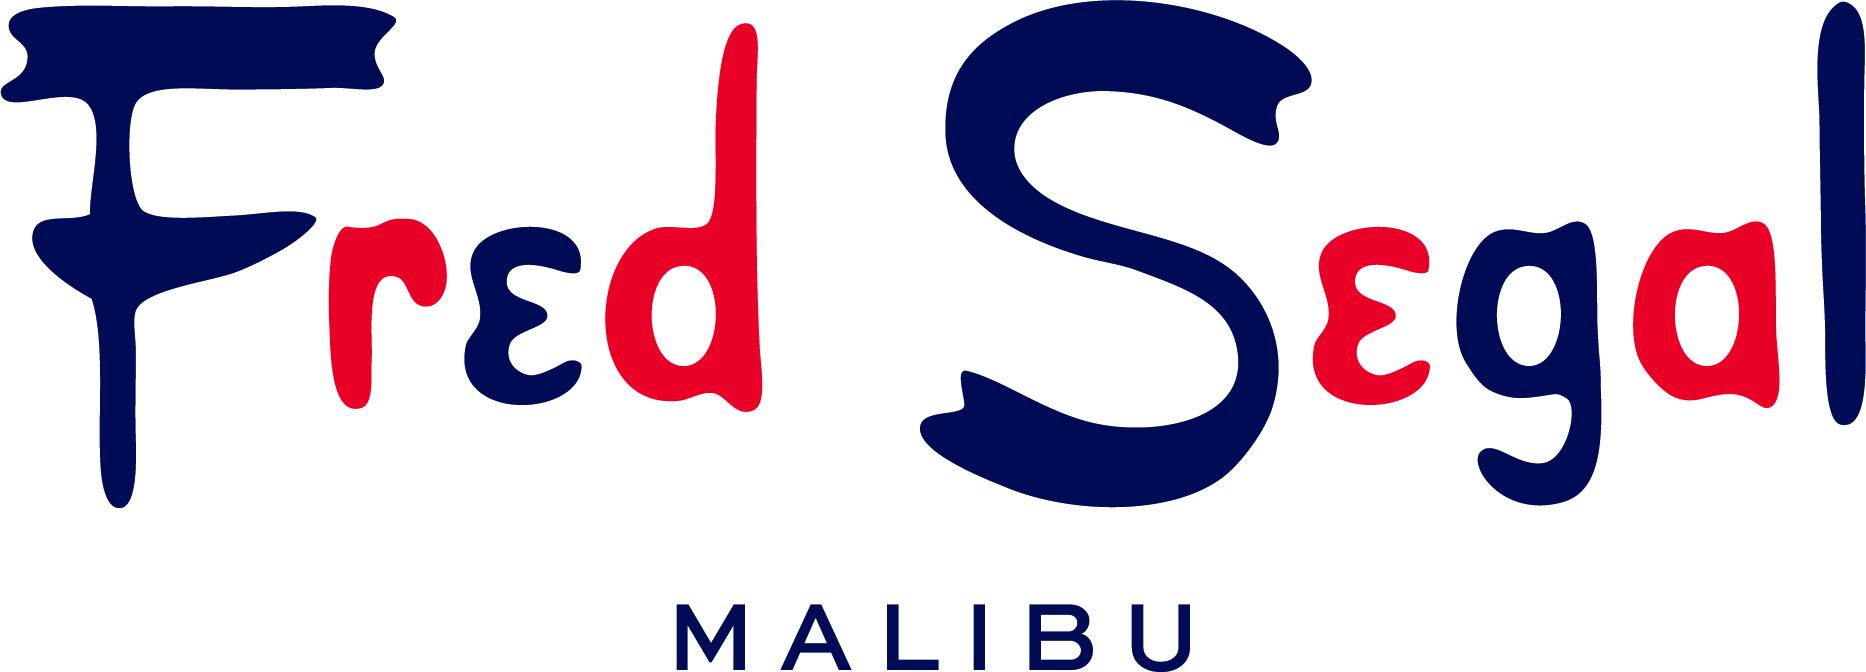 Fred Segal Malibu